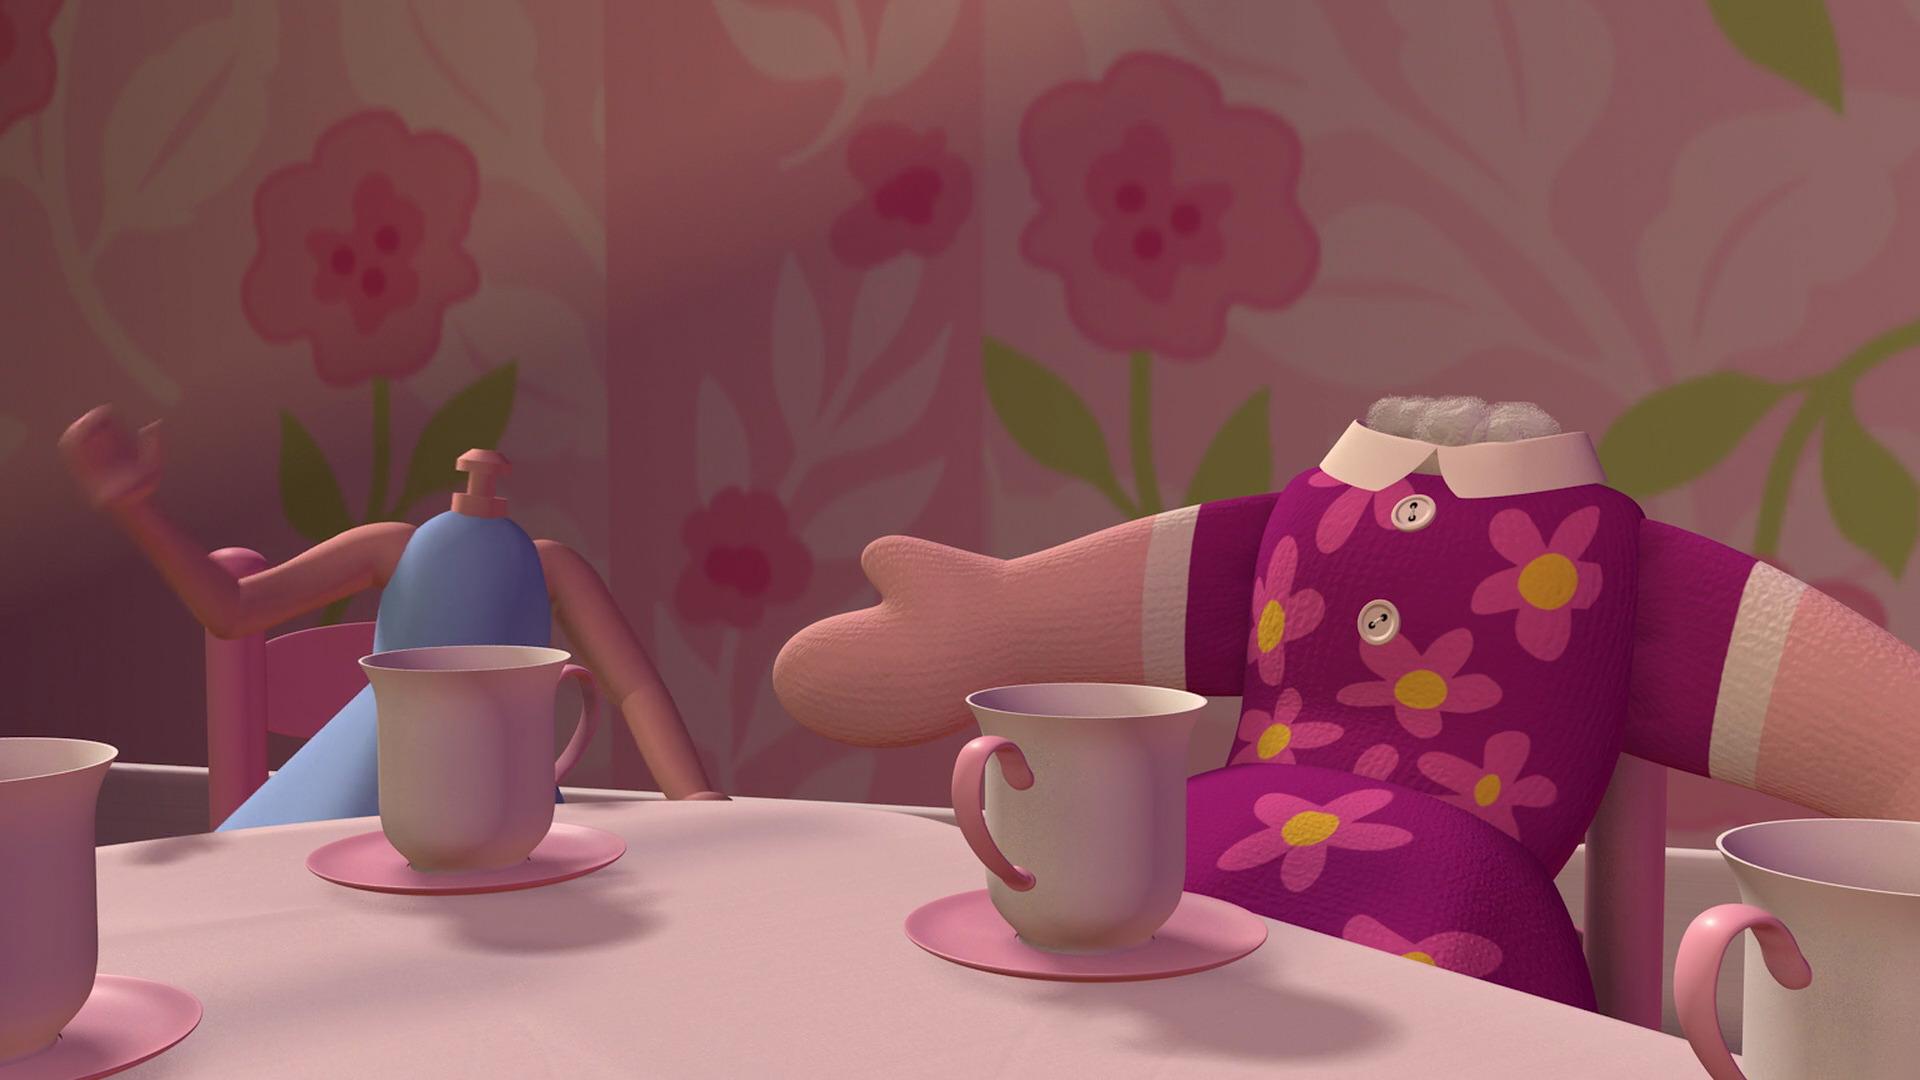 marie-antoinette-petite-soeur-personnage-toy-story-01